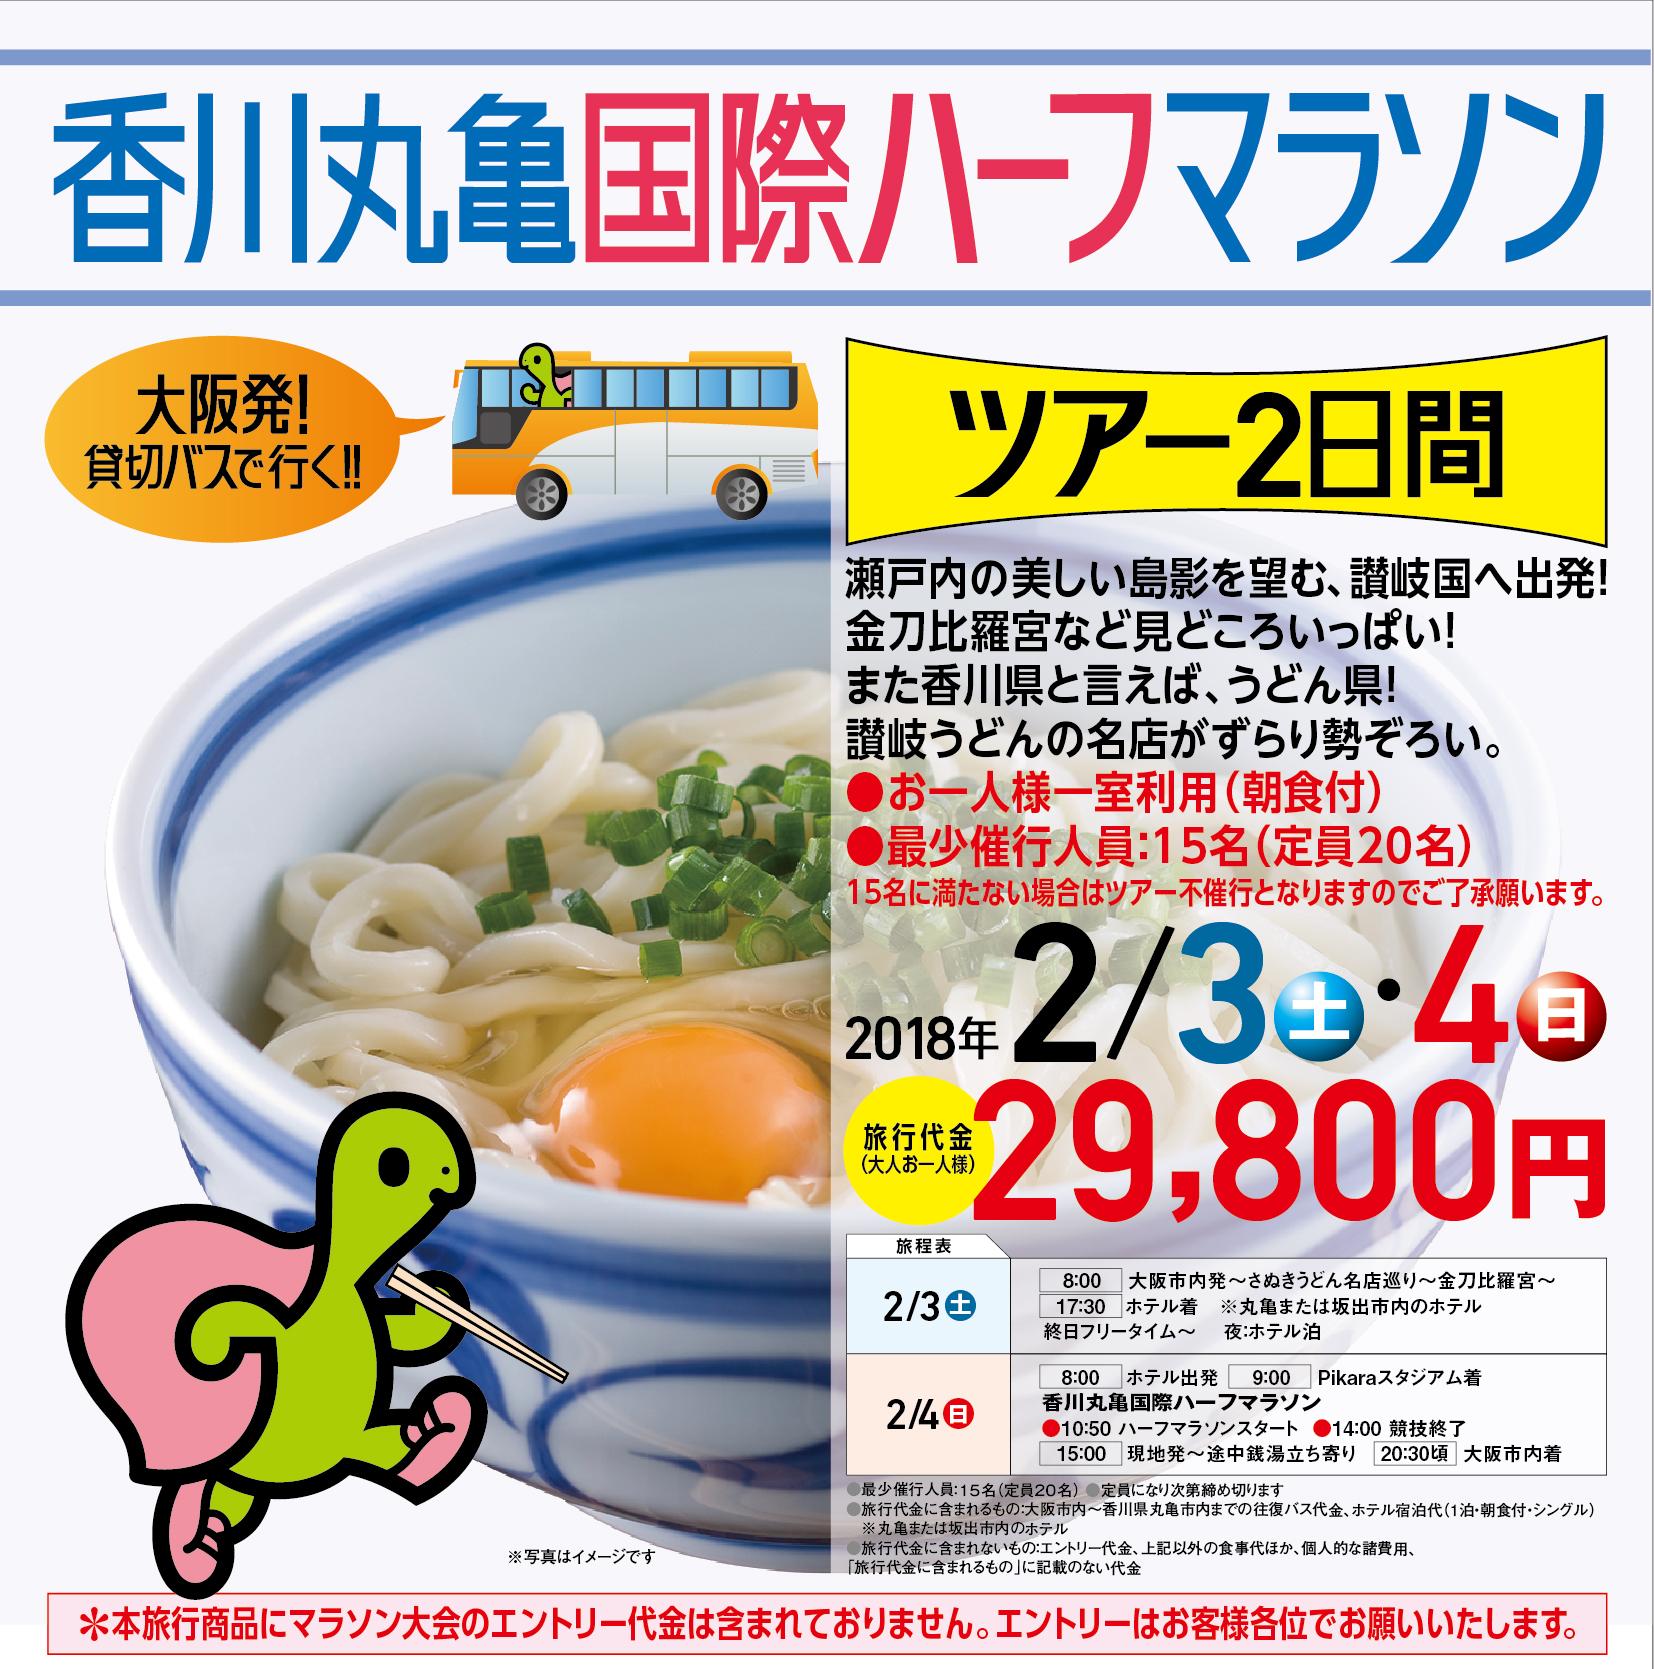 香川丸亀国際ハーフマラソン2018ツアー2日間